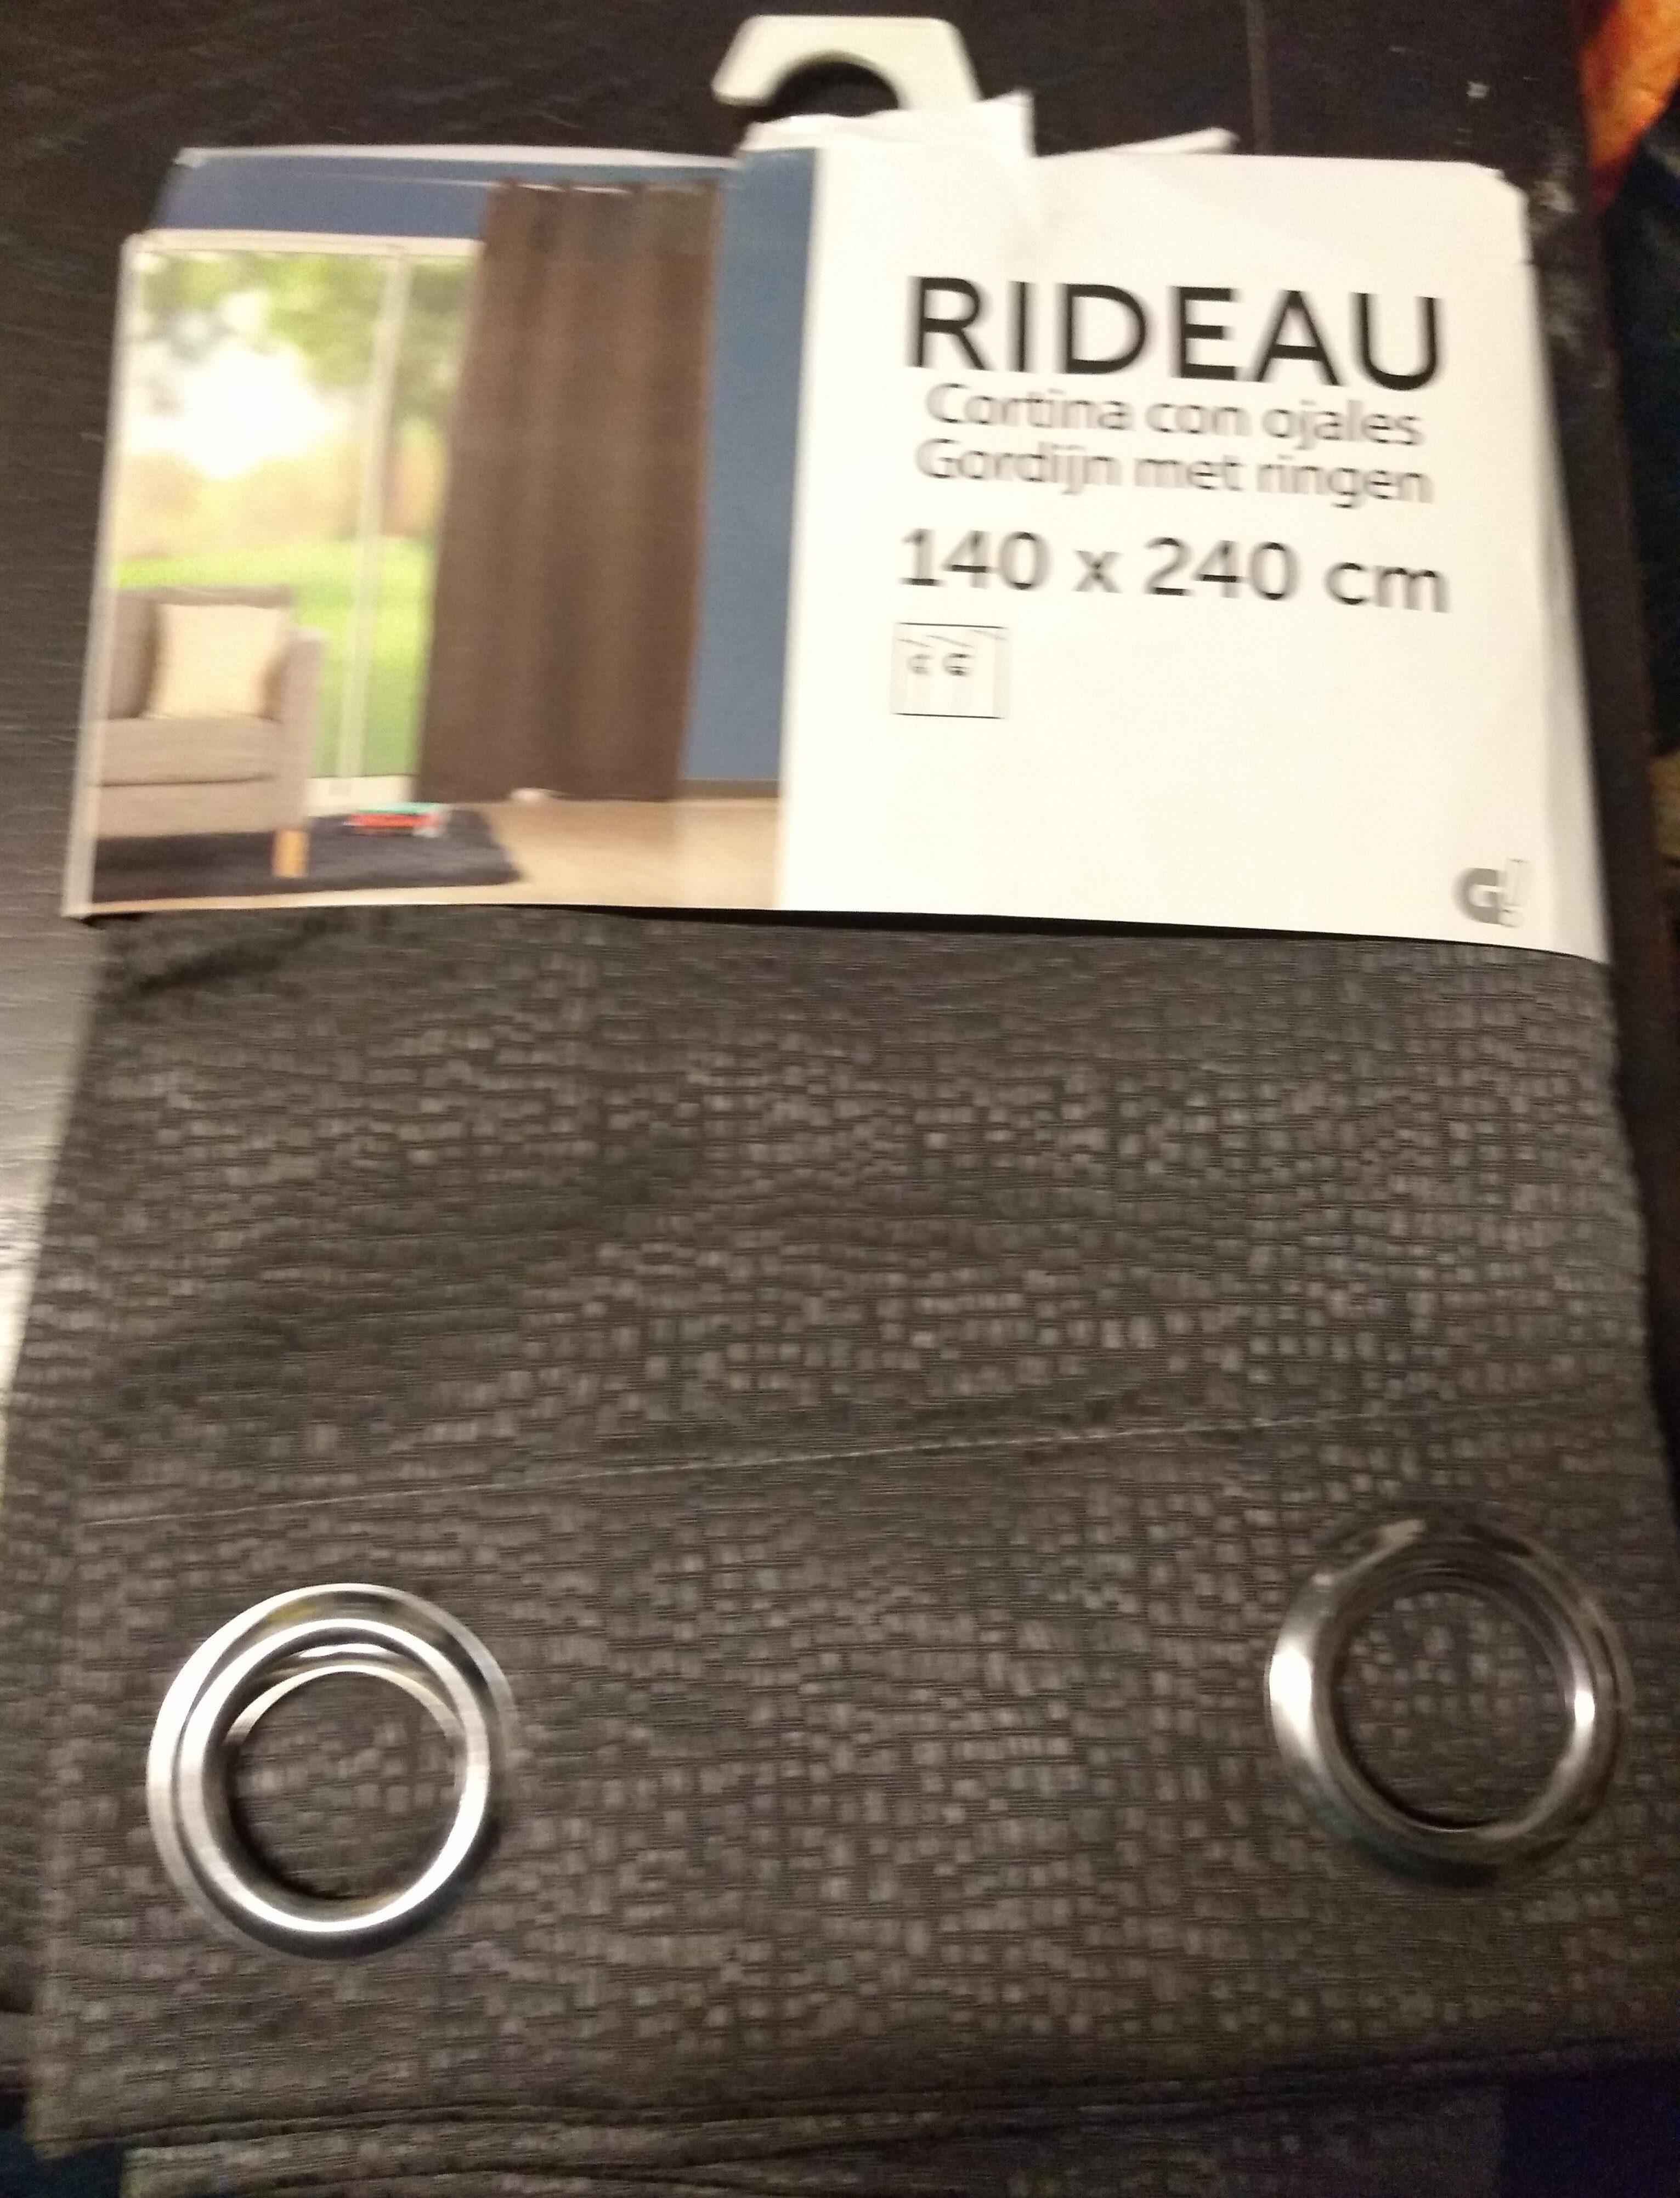 Rideau - Produit - fr